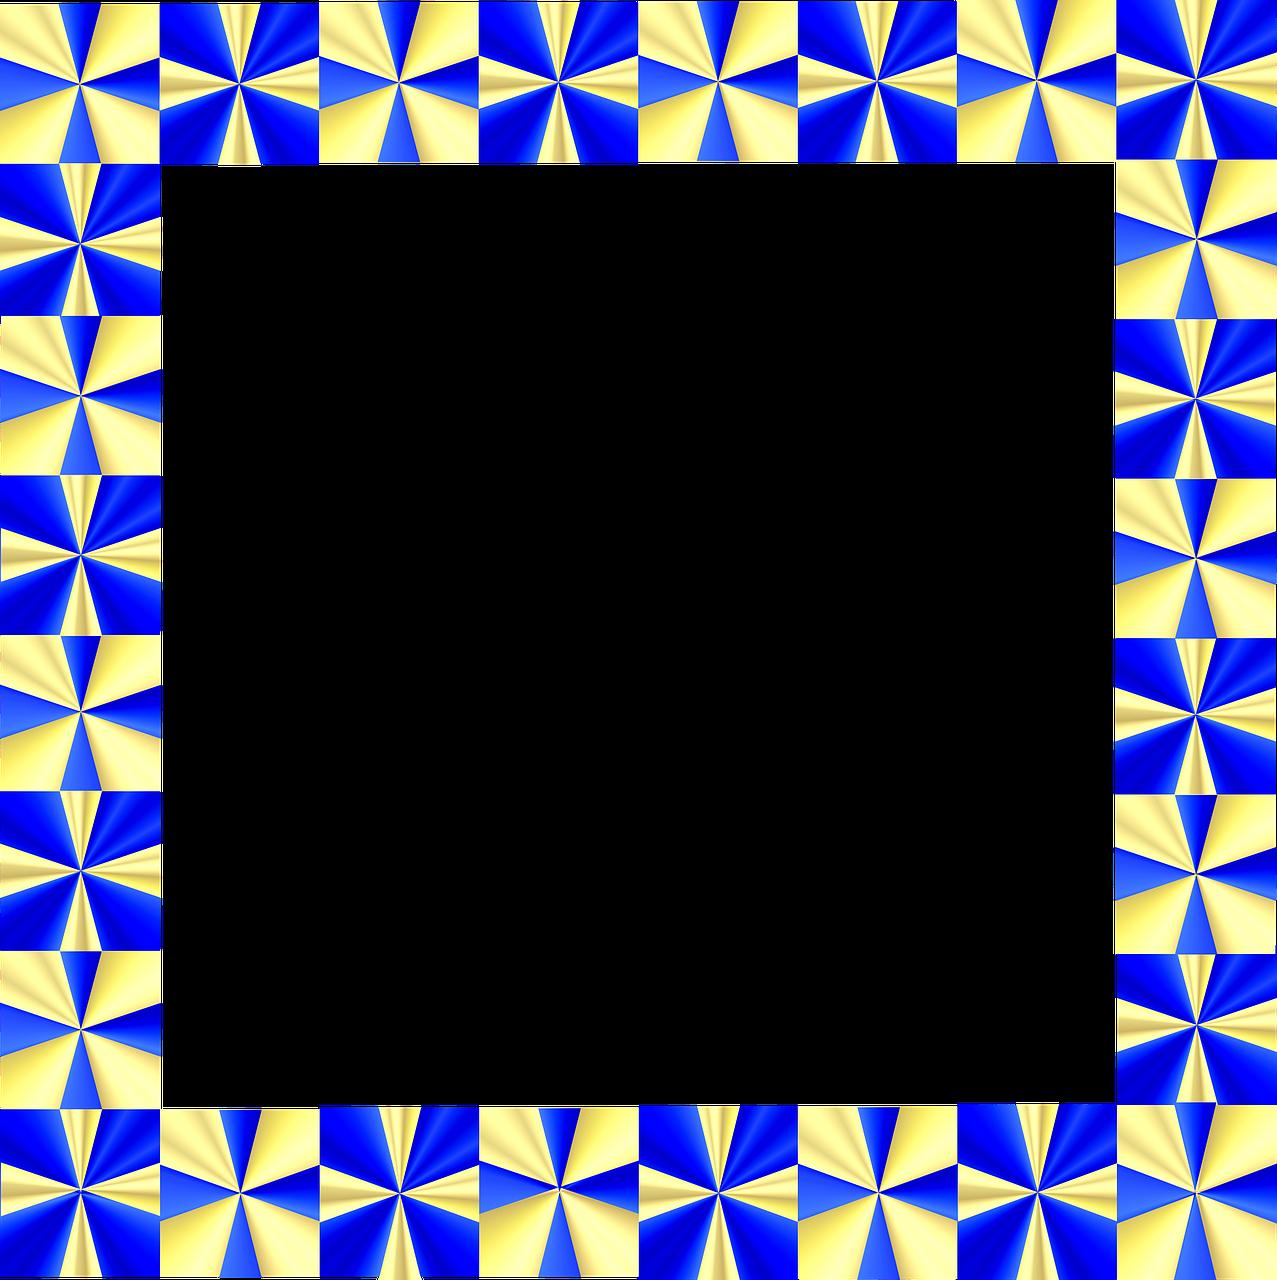 Frame Border Gold Blue Shiny Png Image - Border Design Frame Clipart (1277x1280), Png Download